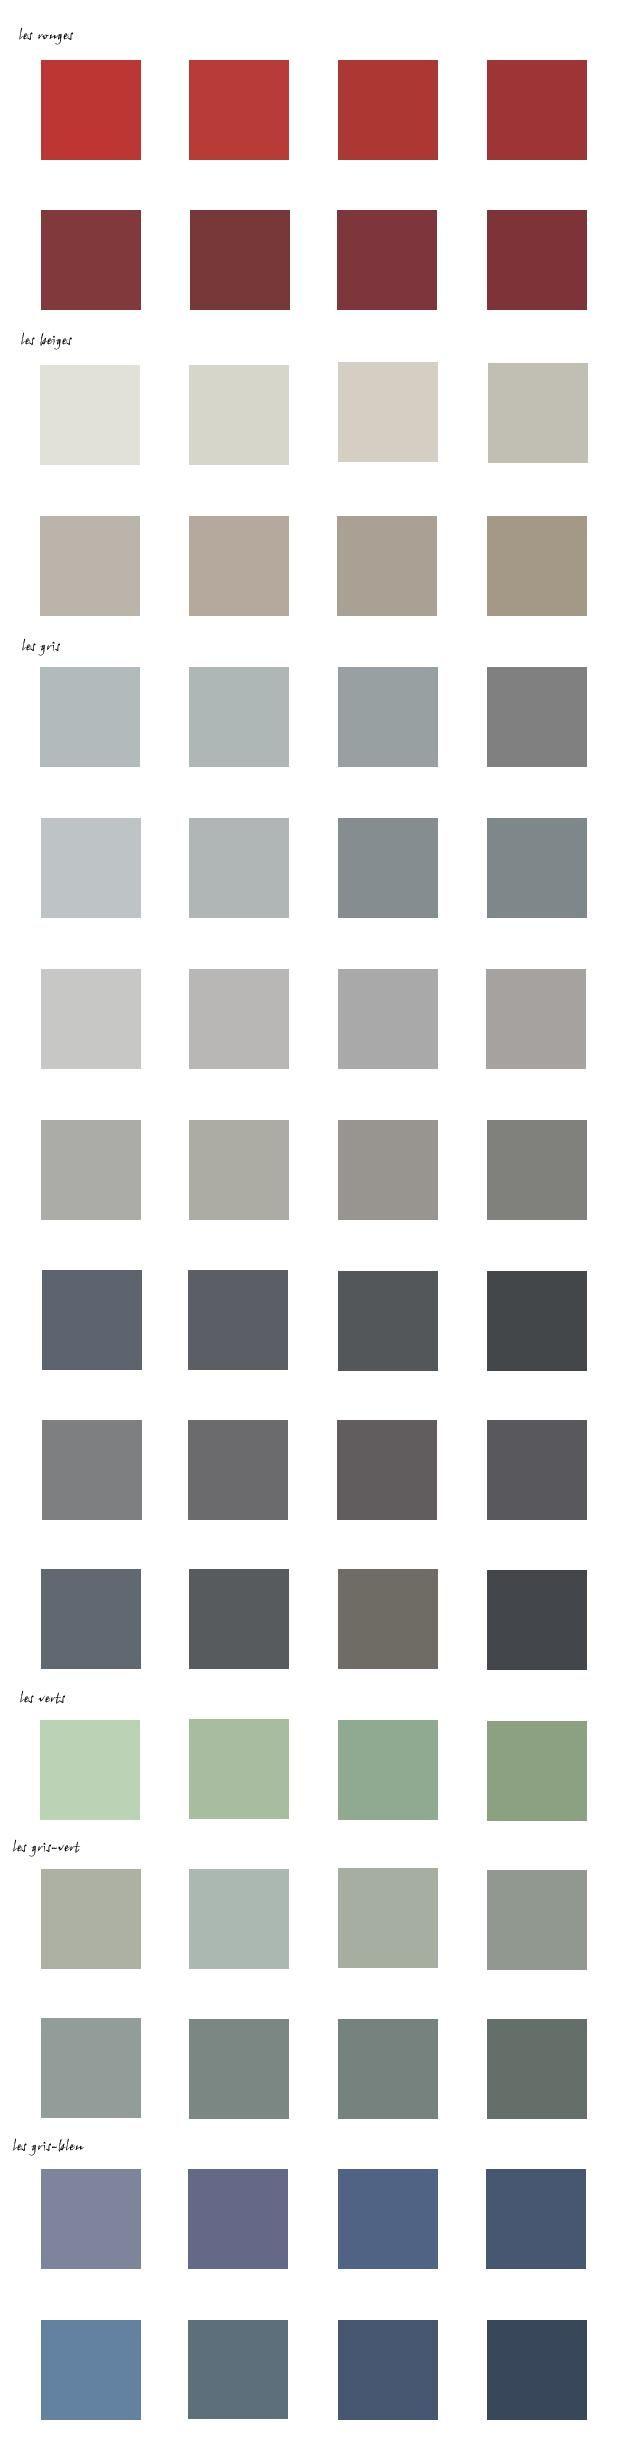 100 harmonie couleur peinture peinture design salon - Harmonie couleur peinture ...